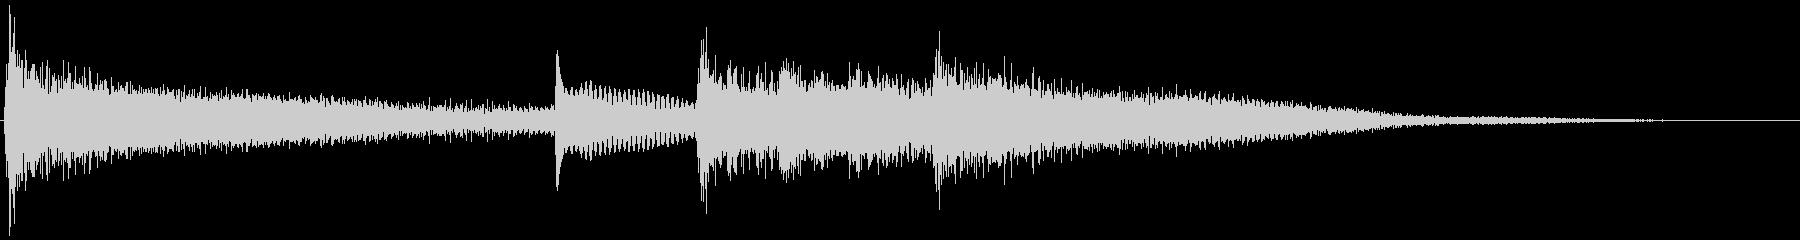 【生演奏】ブリリアントなピアノジングルの未再生の波形